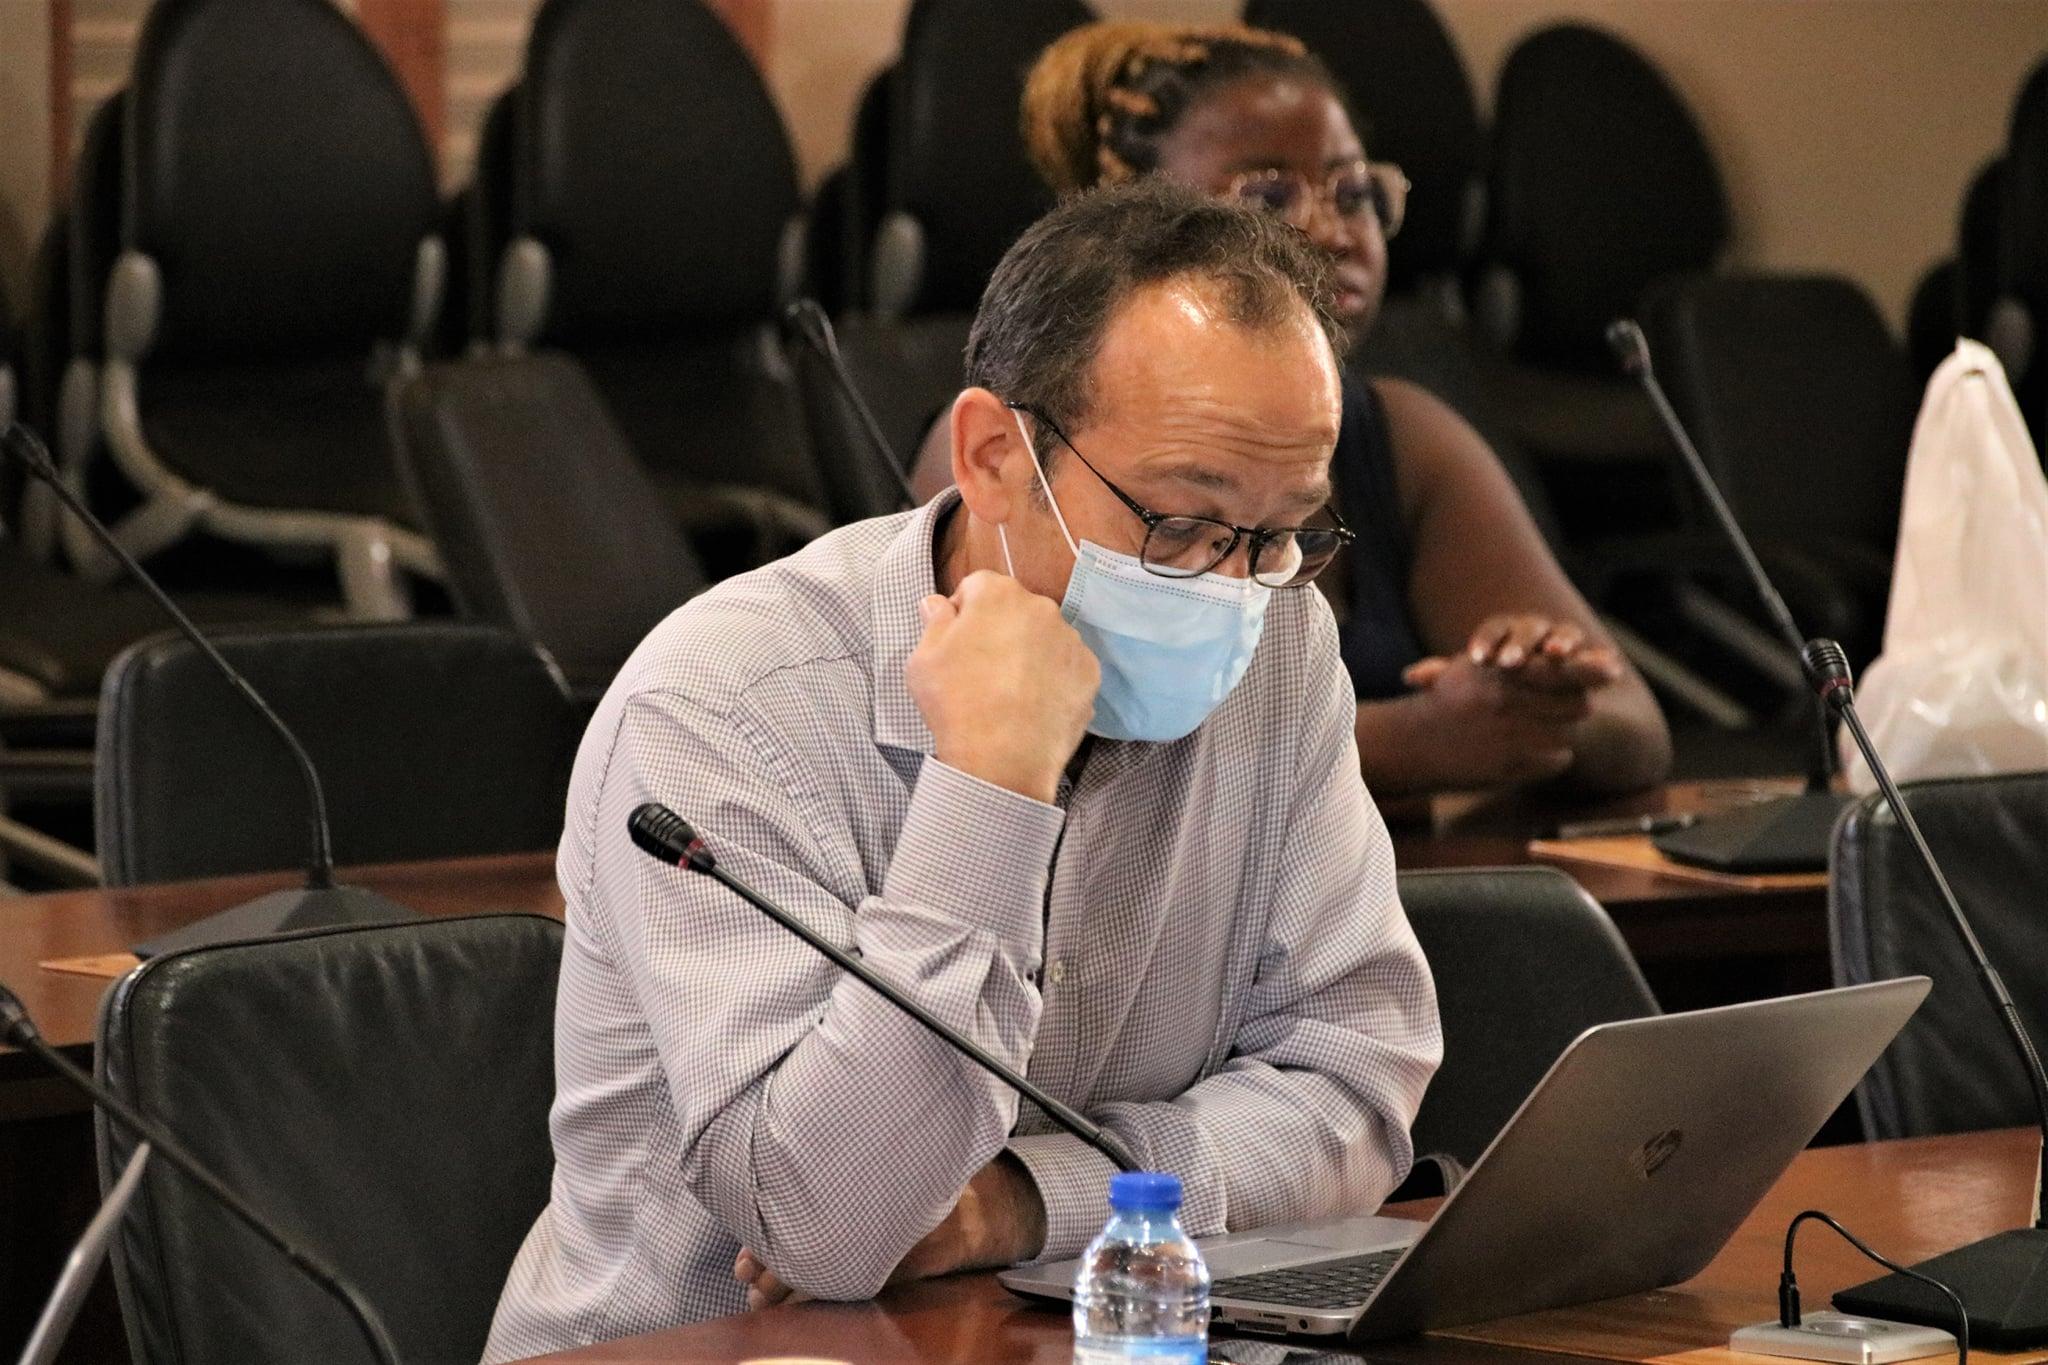 #Santé : la commune rencontre la délégation interministérielle pour l'amélioration de l'offre de soins en Guyane et la création d'un CHU